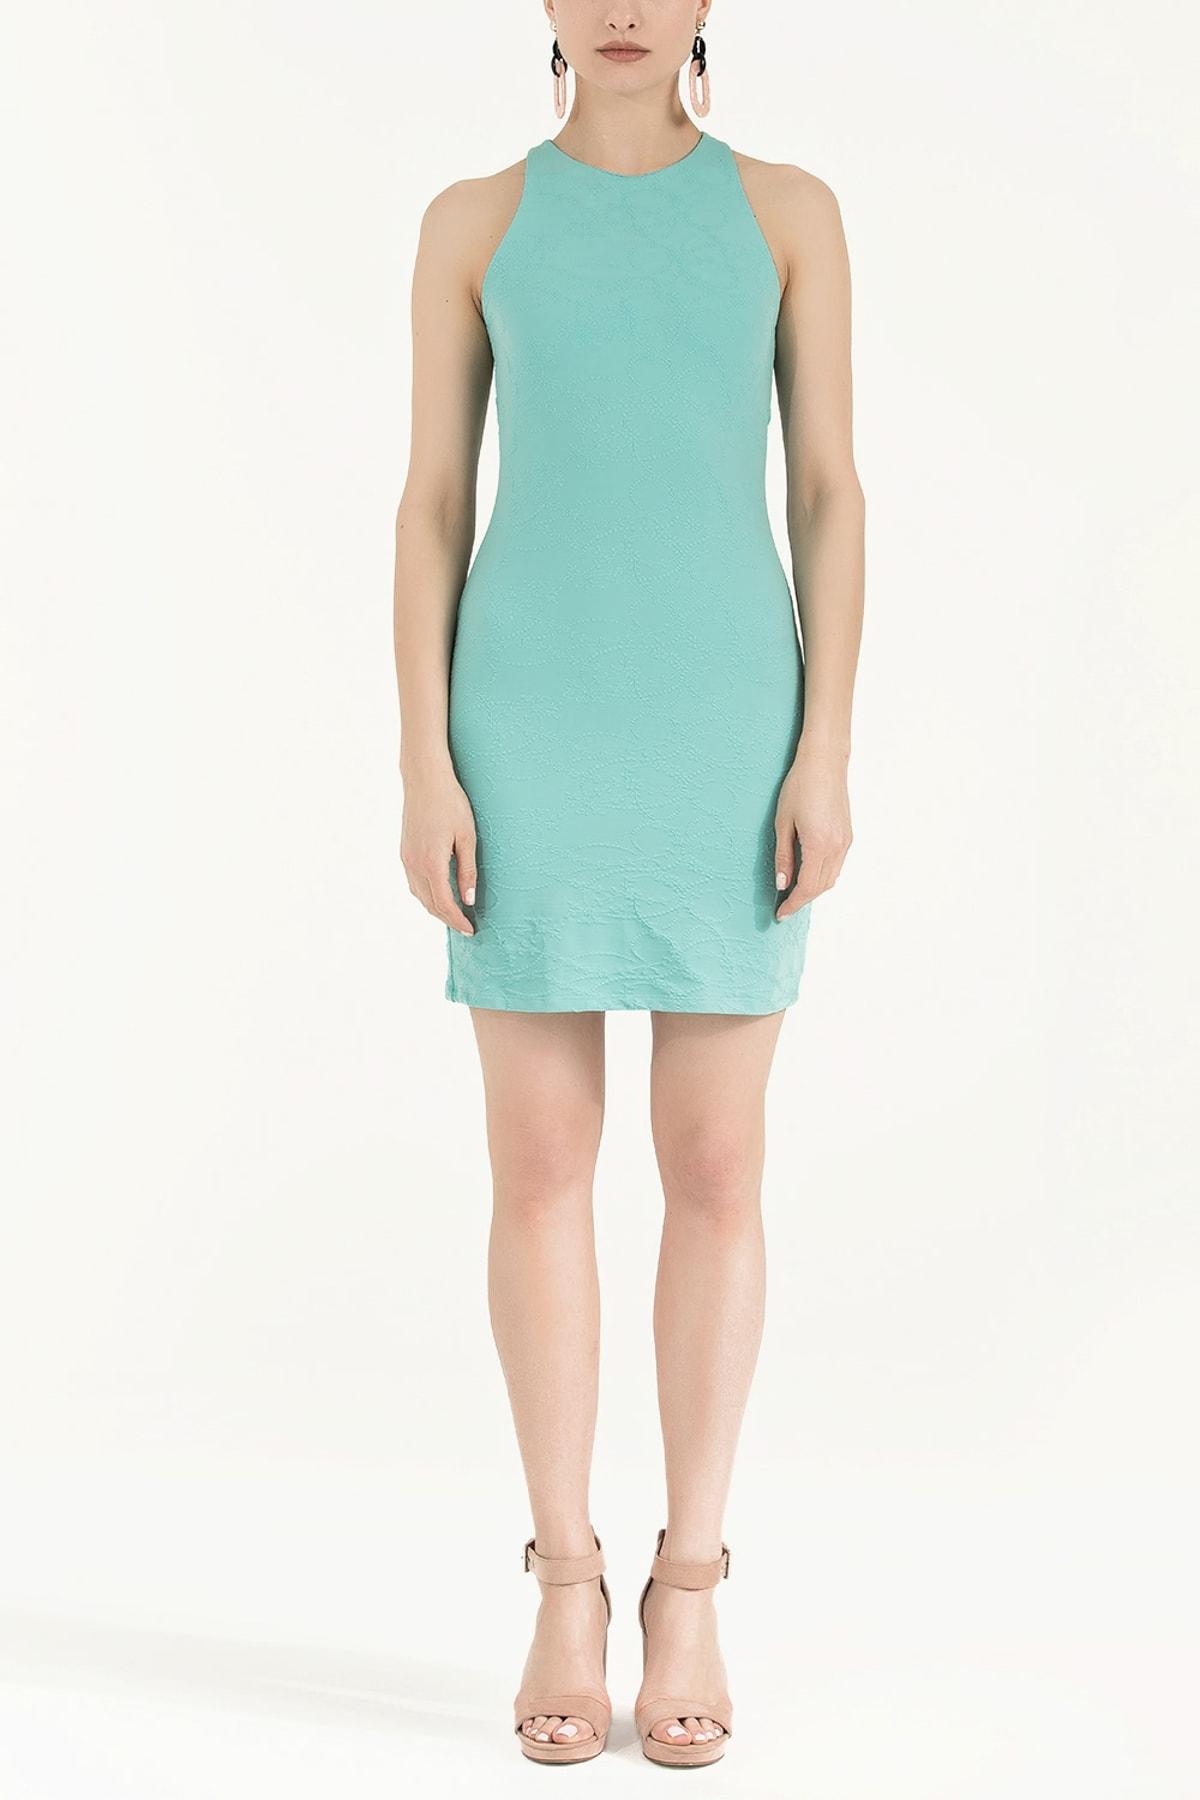 SOCIETA Kadın Örme Mini Elbise Yeşil 91860 1